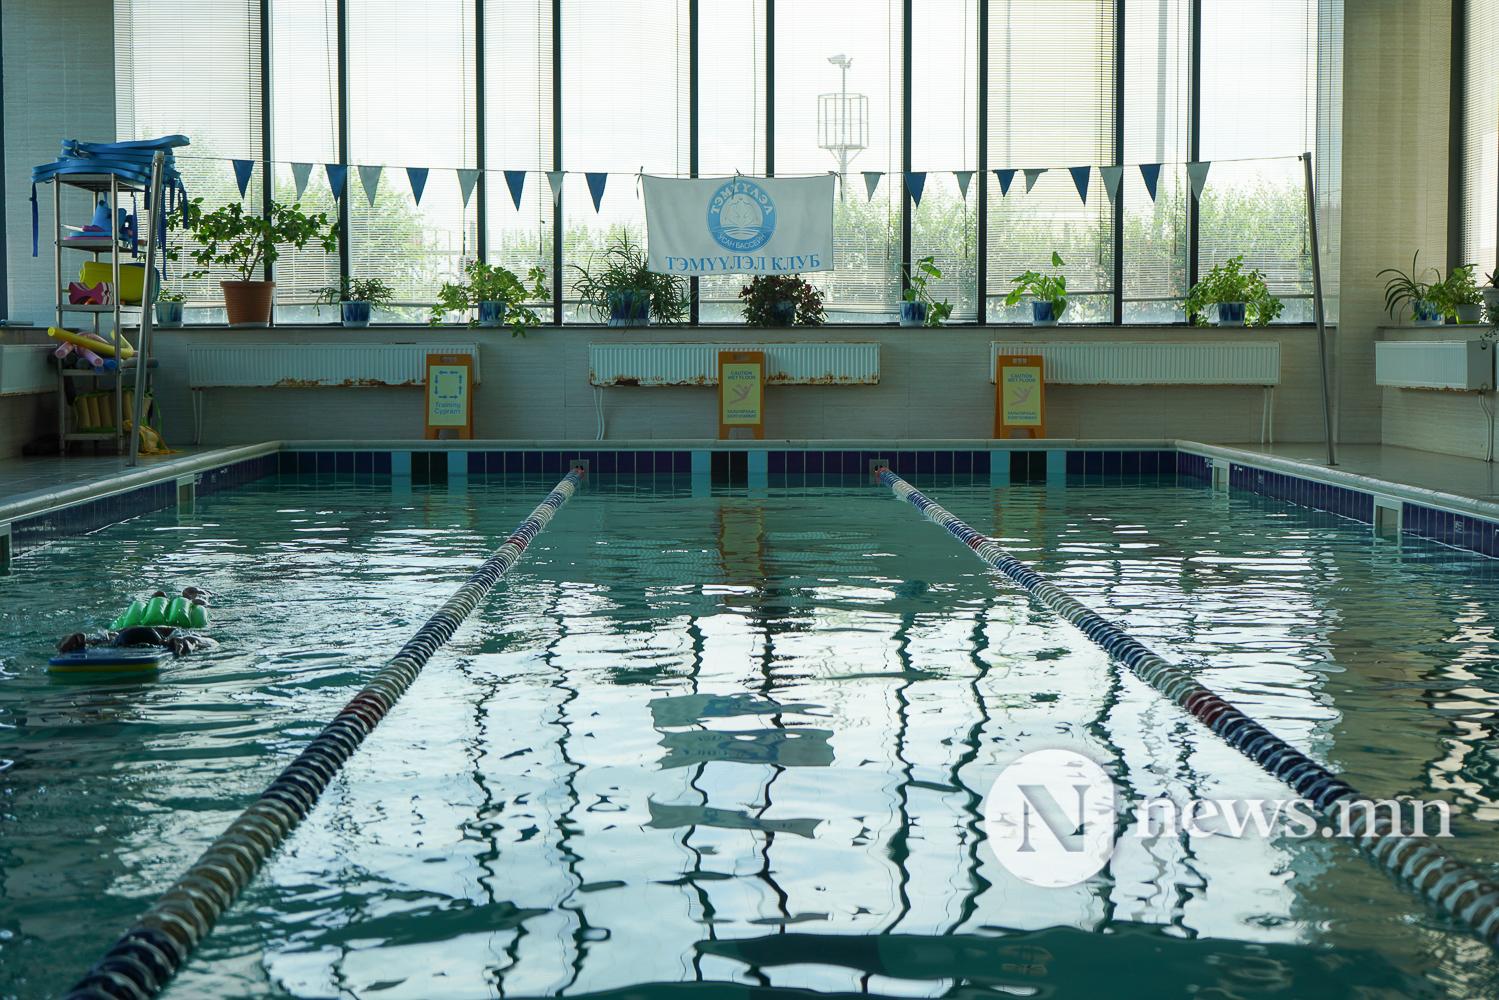 Усан спорт сургалтын төвүүд (16 of 20)